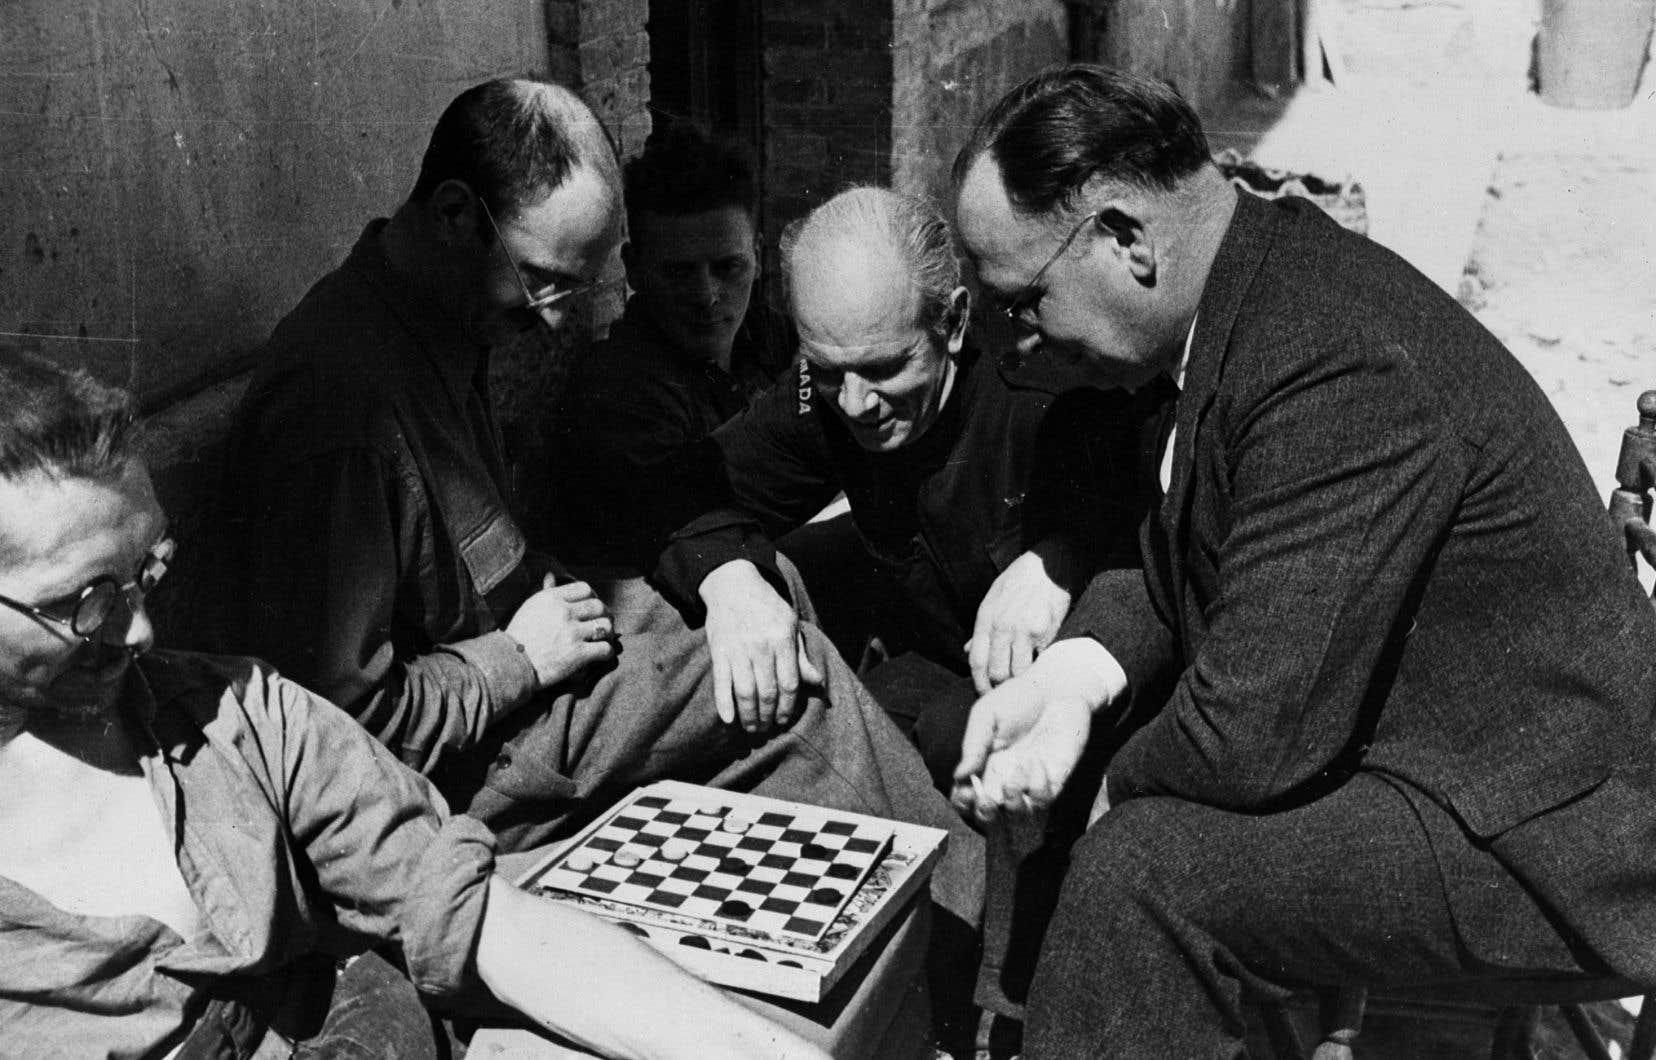 Norman Bethune, au centre, photographié en 1937 en Espagne. En lutte contre le fascisme, il s'était engagé dans la guerre civile espagnole dès 1936.